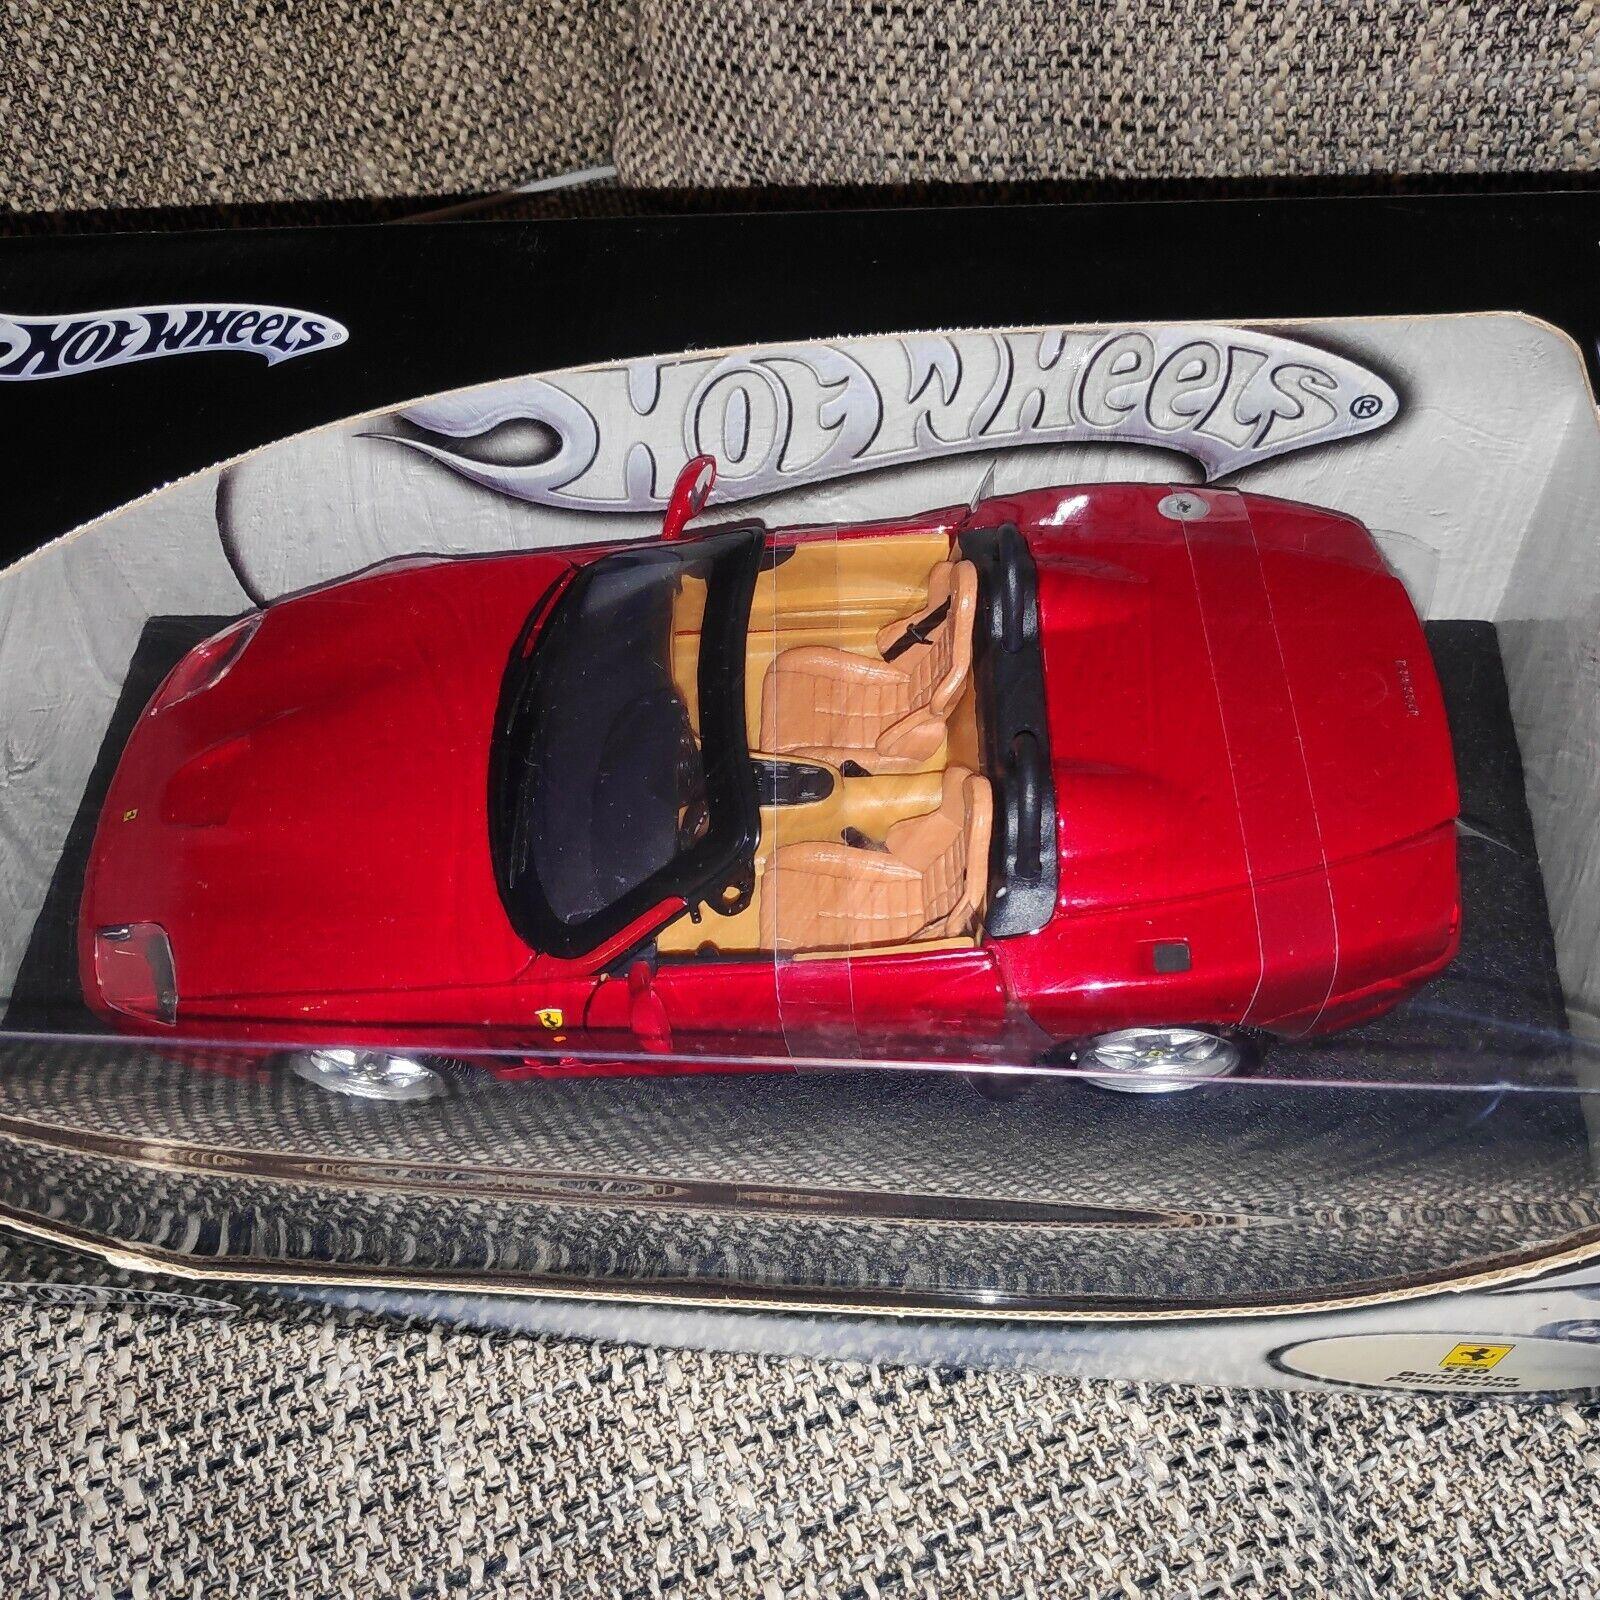 comprar ahora 131828 1 18 18 18 Hot Wheels  57311 ferrari 550 barchetta met. rojo Pininfarina top nuevo  últimos estilos